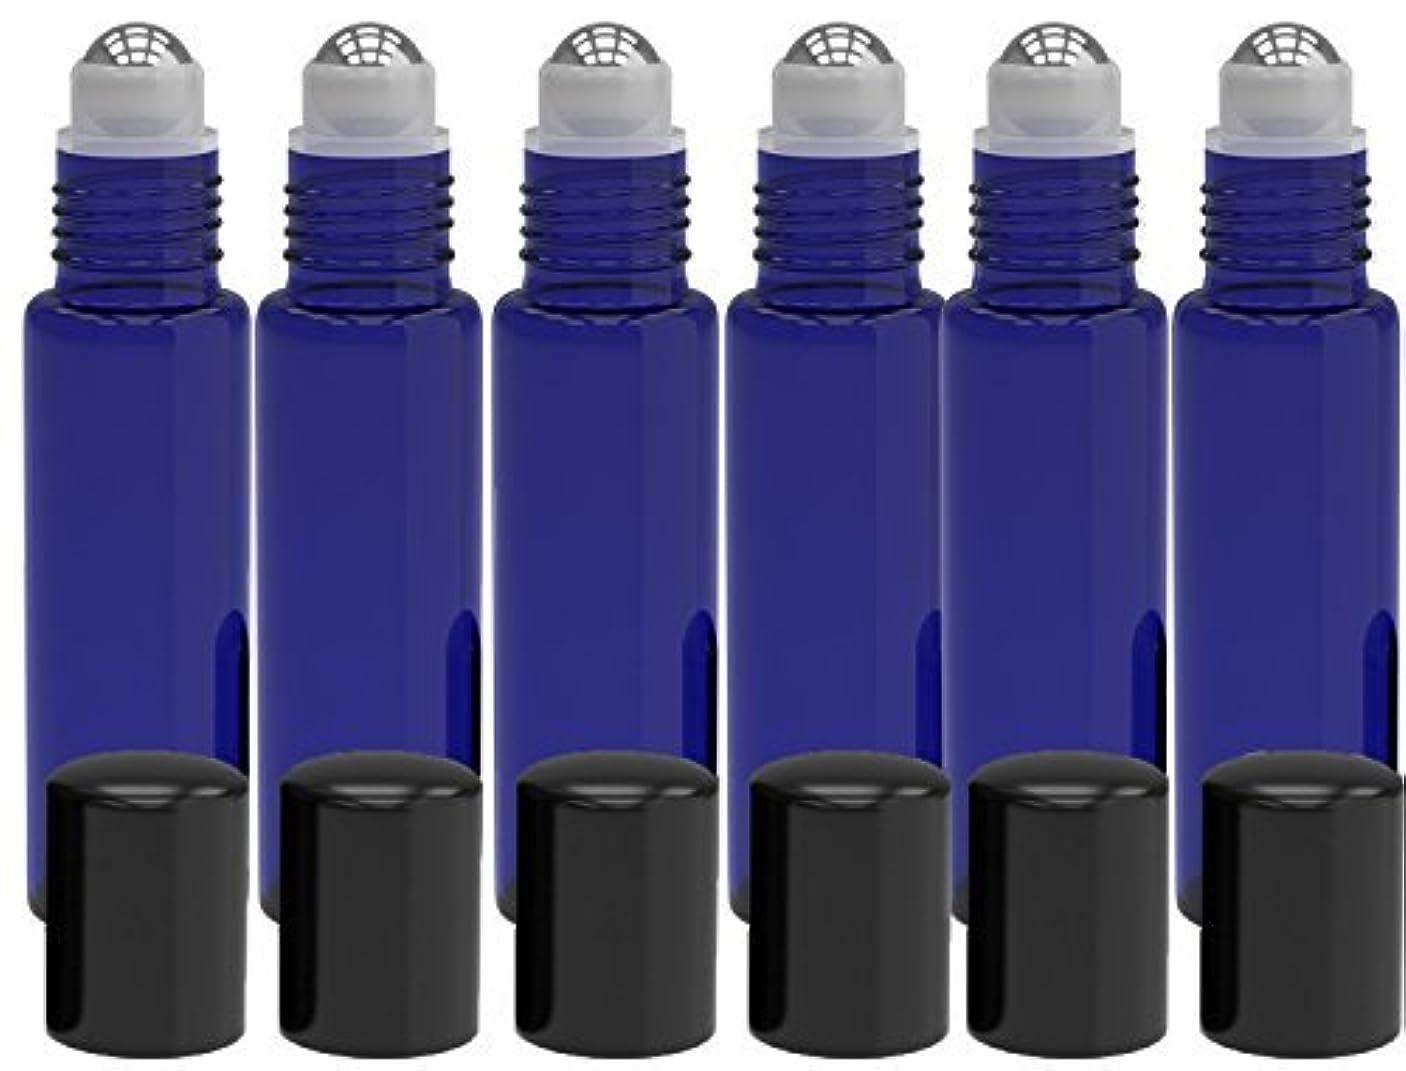 書き出す磁気農場6 Pack - Empty Roll on Glass Bottles [STAINLESS STEEL ROLLER] 10ml Refillable Color Roll On for Fragrance Essential...